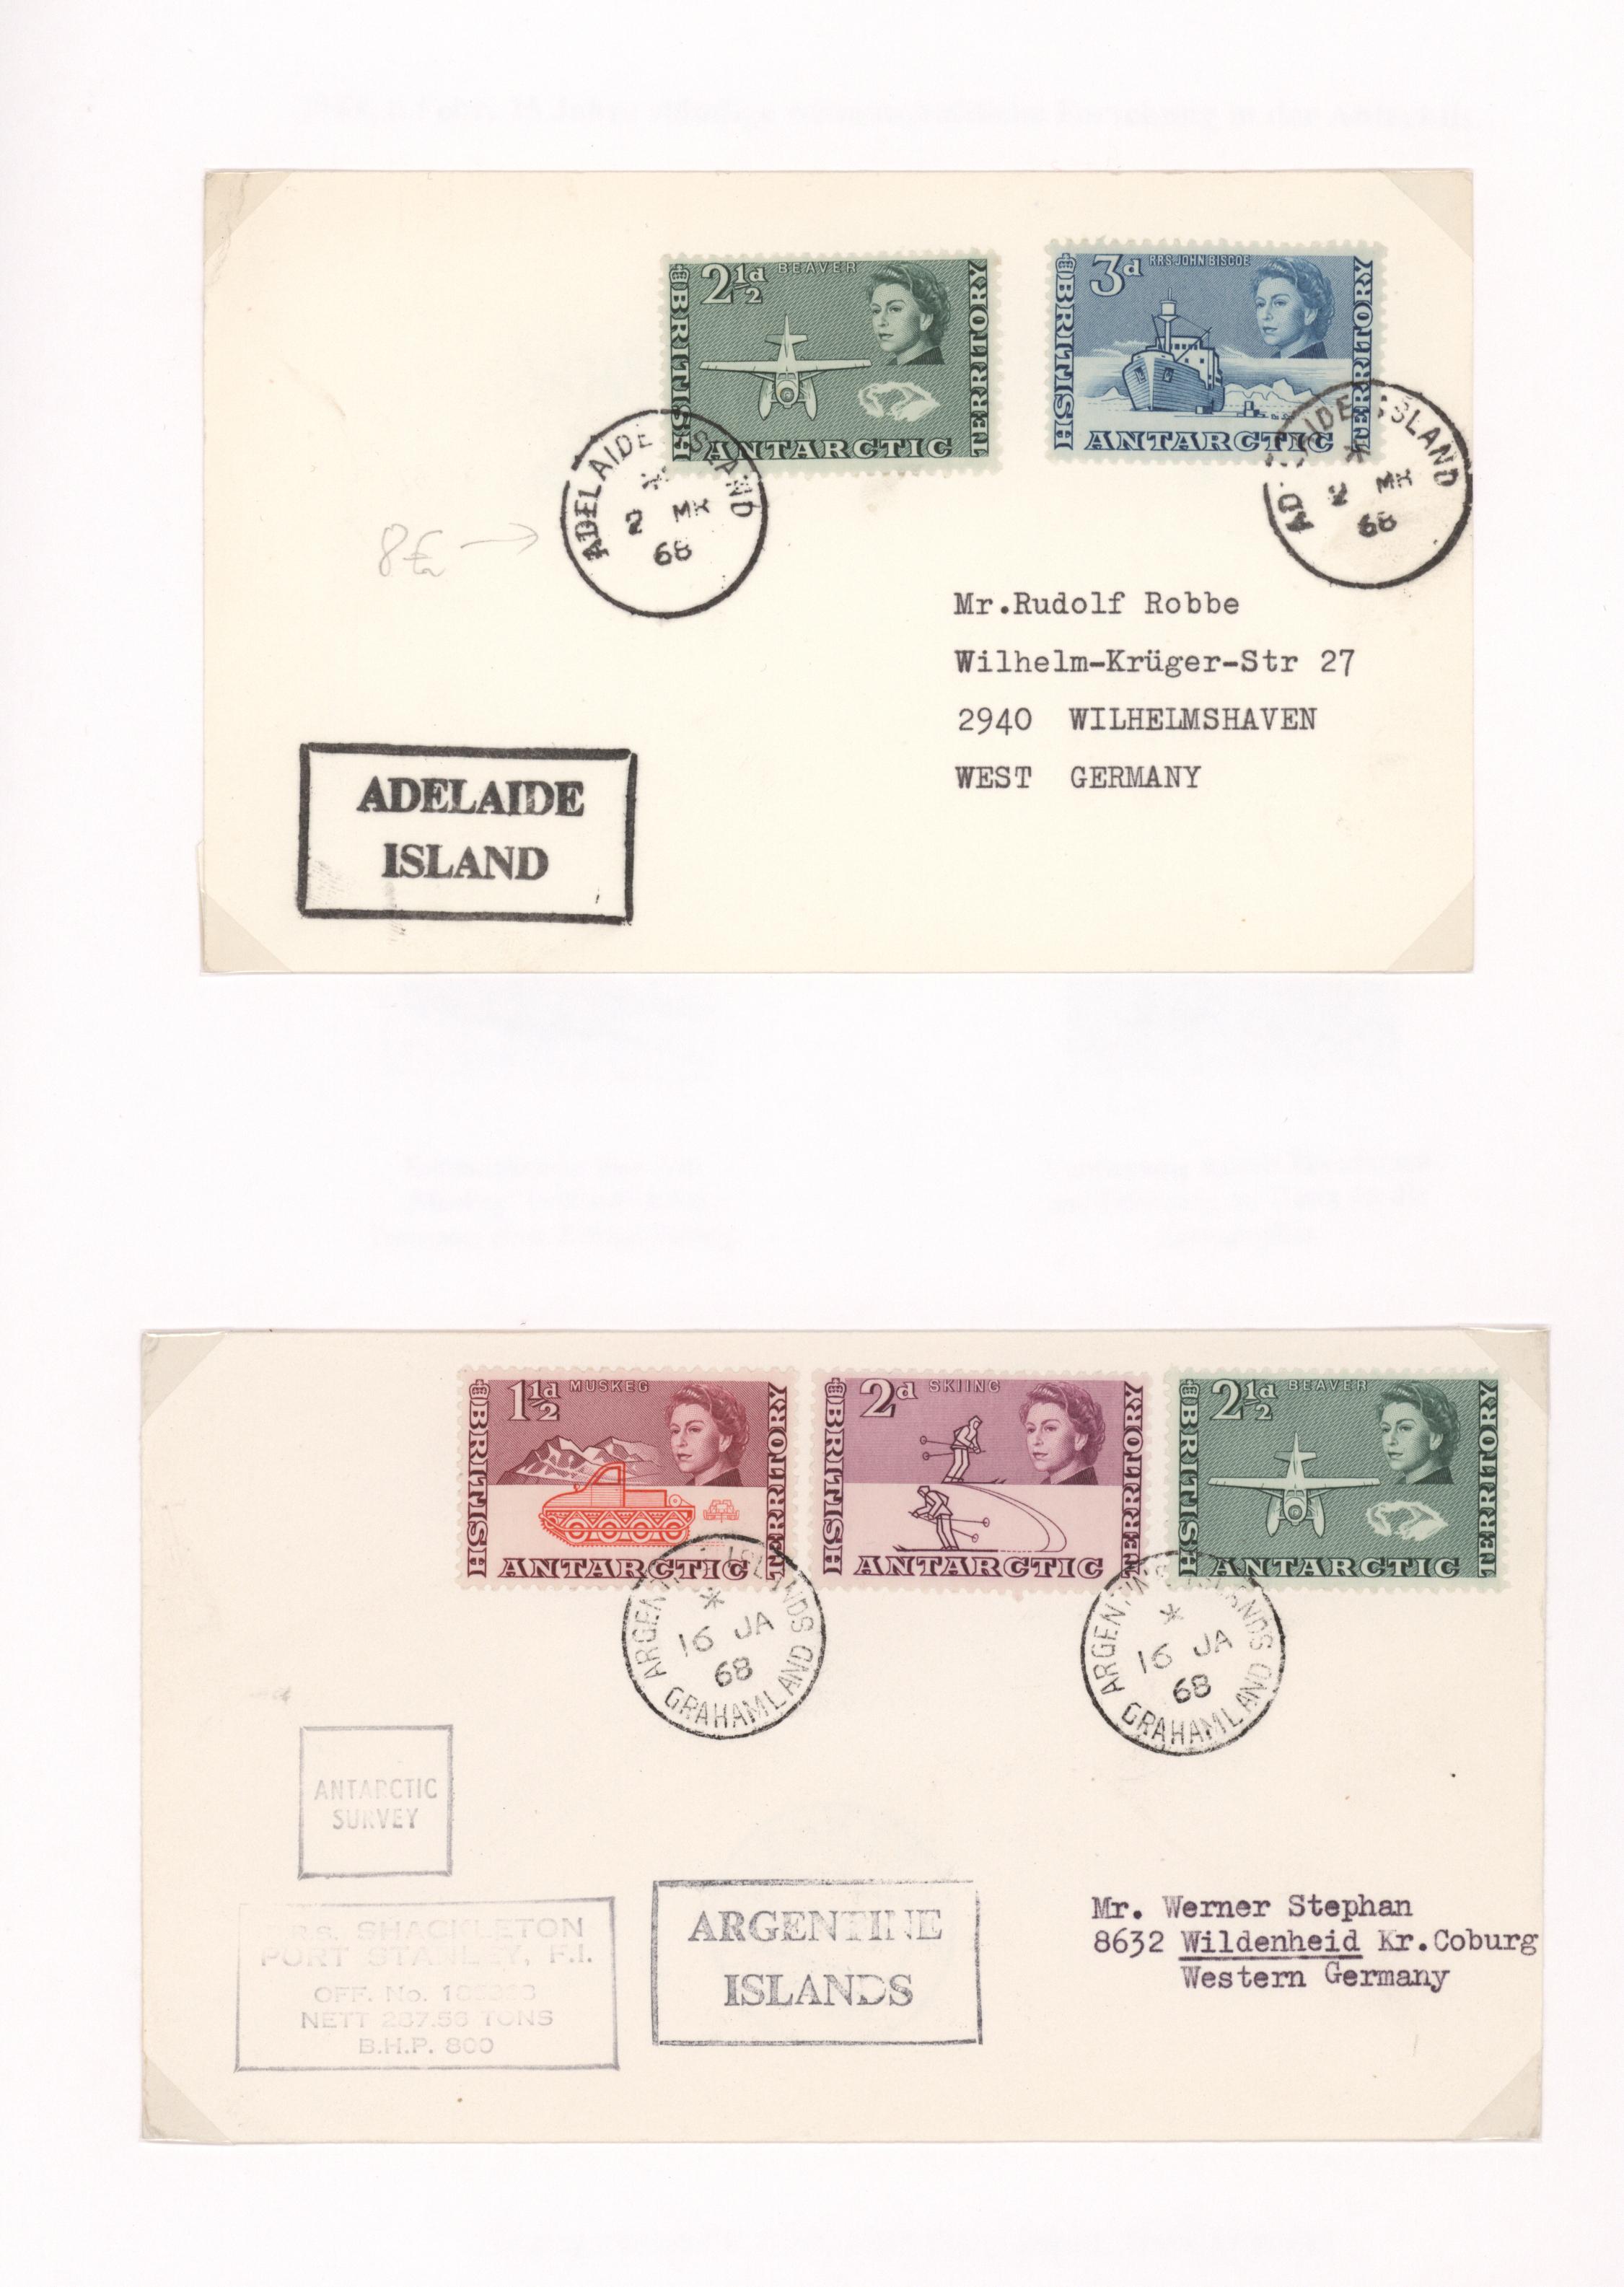 Lot 16231 - britische gebiete in der antarktis  -  Auktionshaus Christoph Gärtner GmbH & Co. KG 50th Auction Anniversary Auction - Day 5